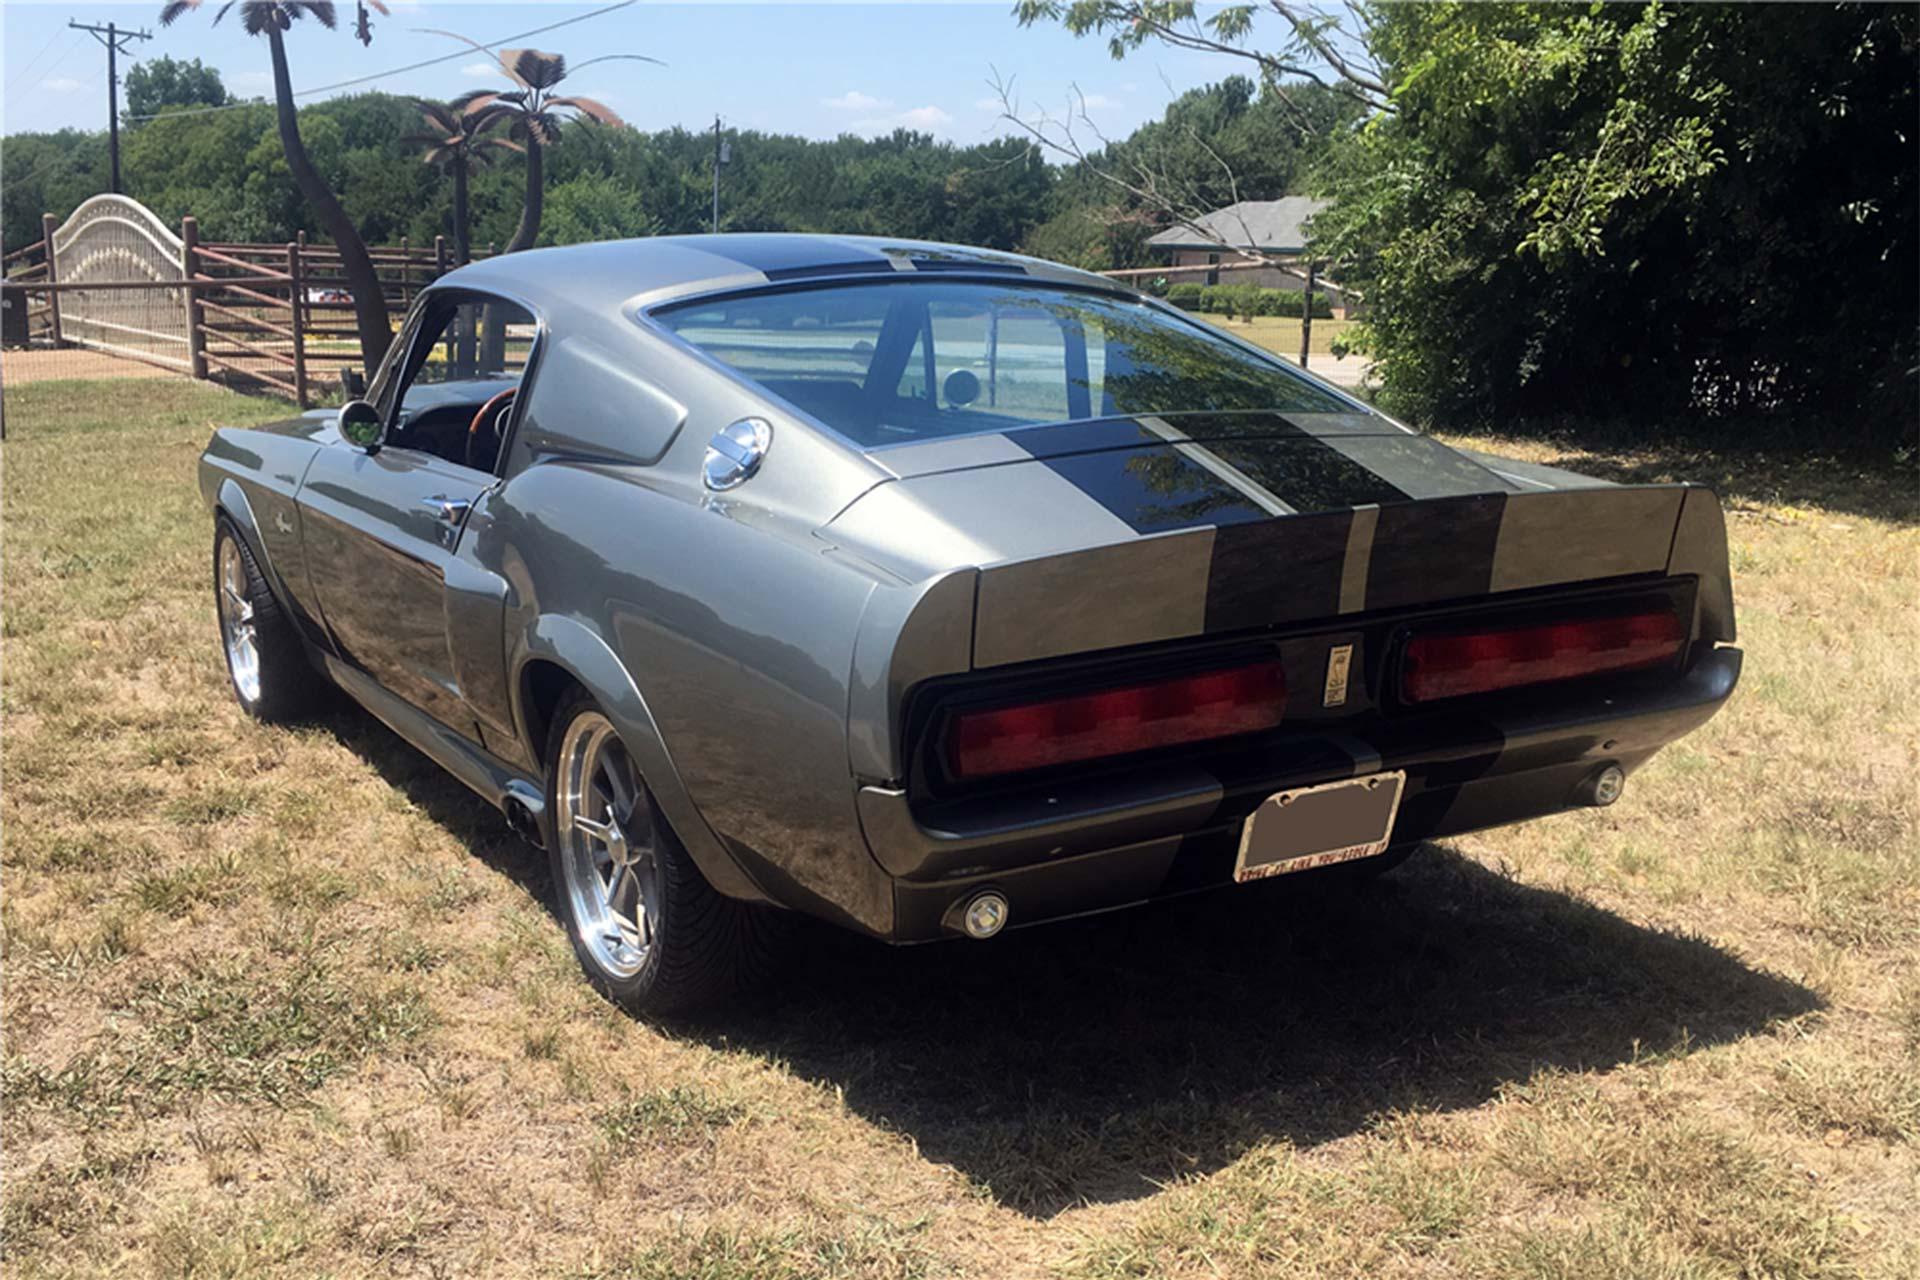 Barrett Jackson Scottsdale 2019 Eleanor Ford Mustang